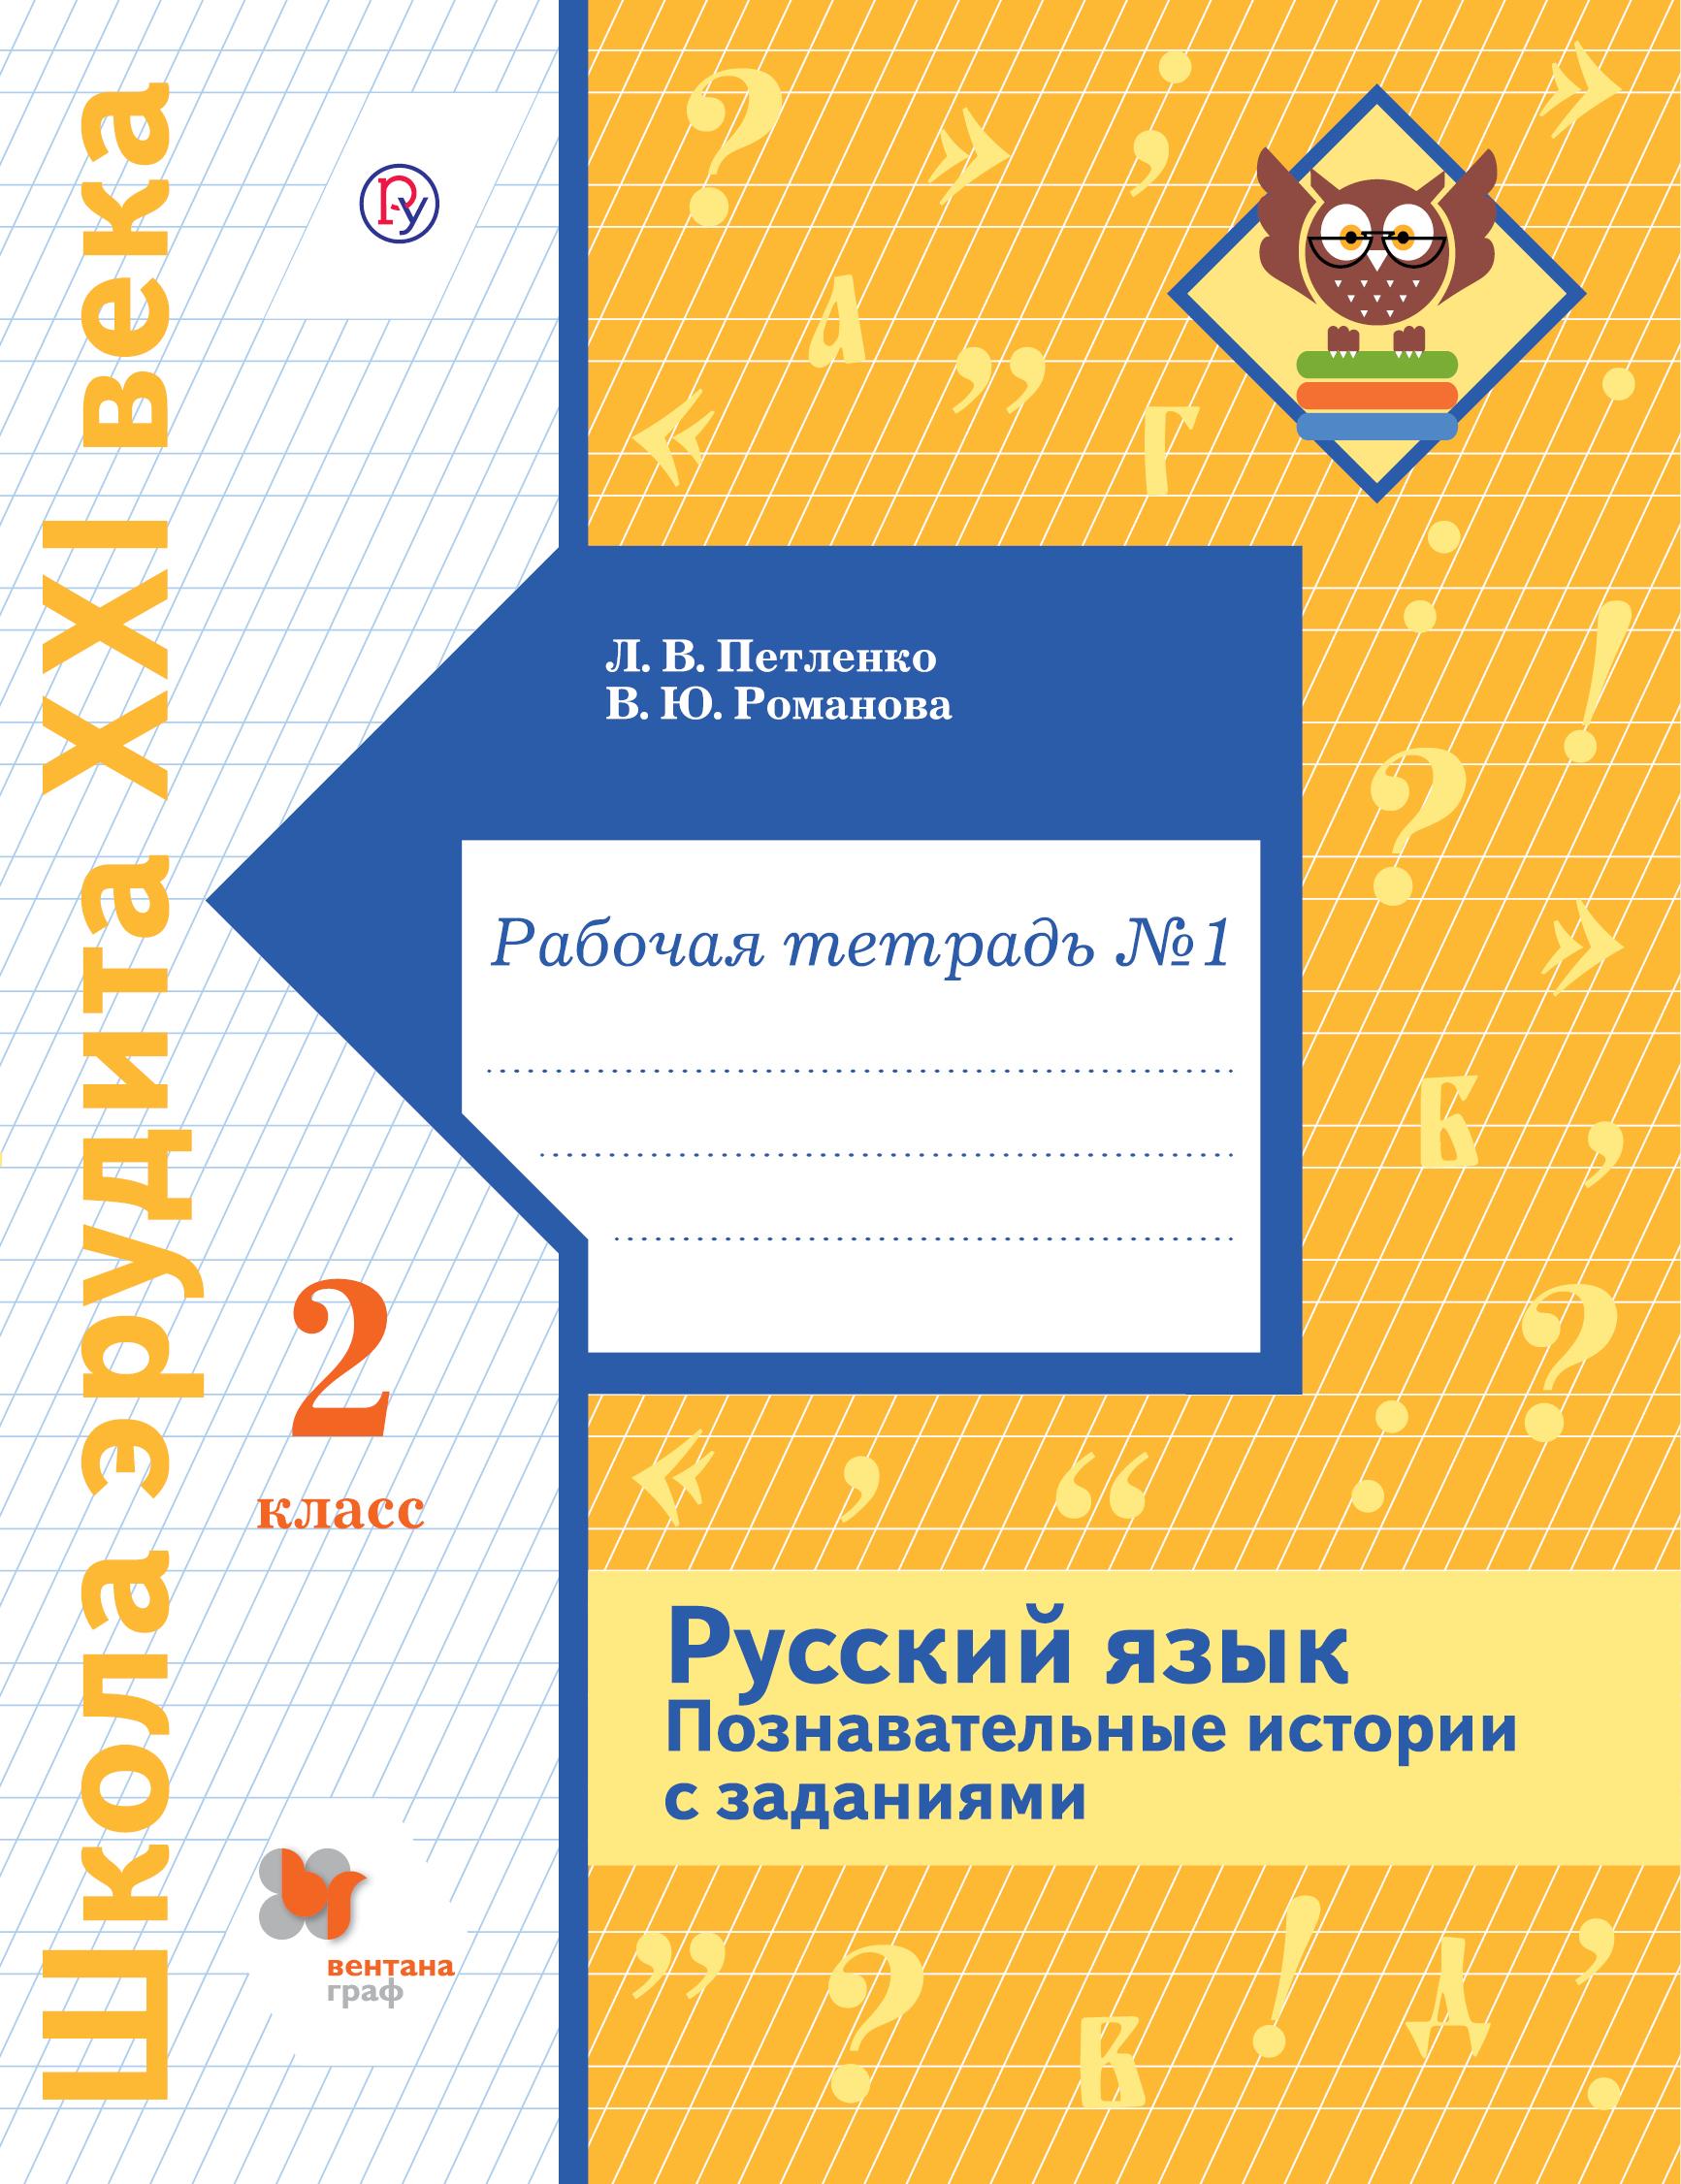 Русский язык. Познавательные истории с заданиями. 2 класс. Рабочая тетрадь № 1